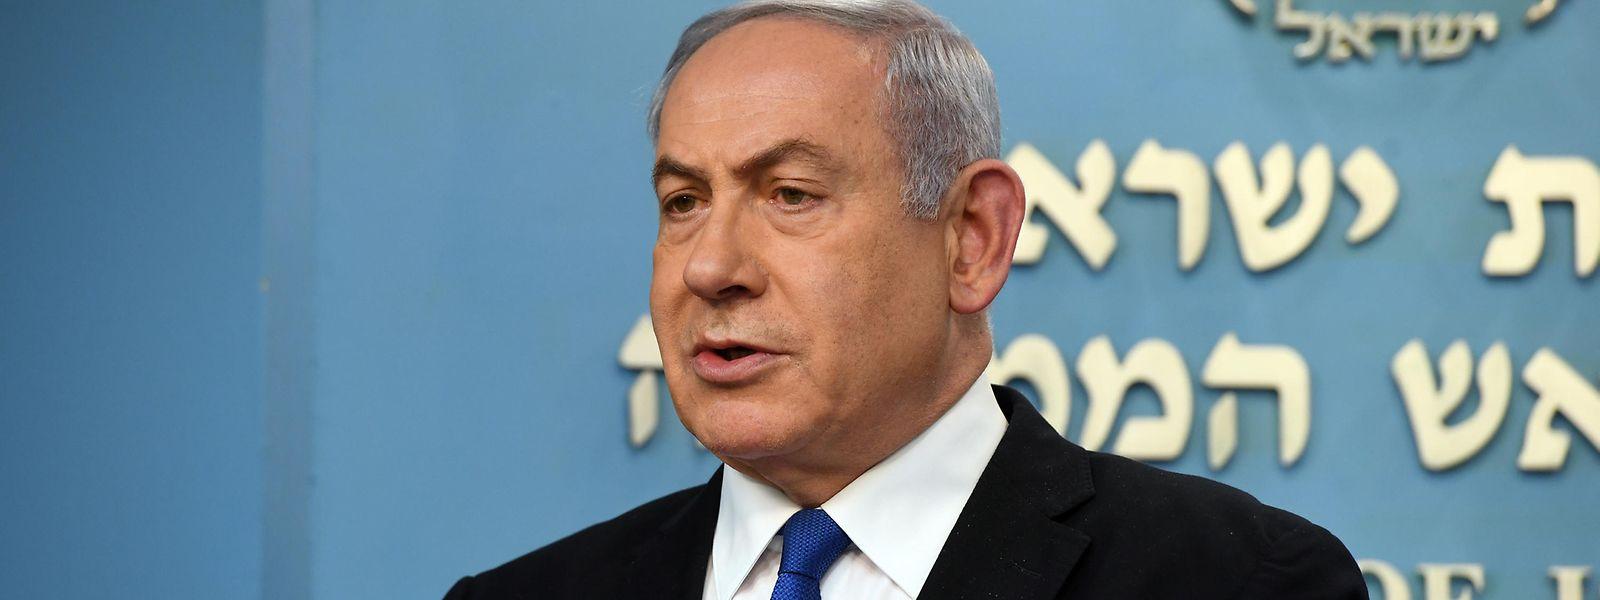 Benjamin Netanjahu wird zunächst anderthalb Jahre Regierungschef.